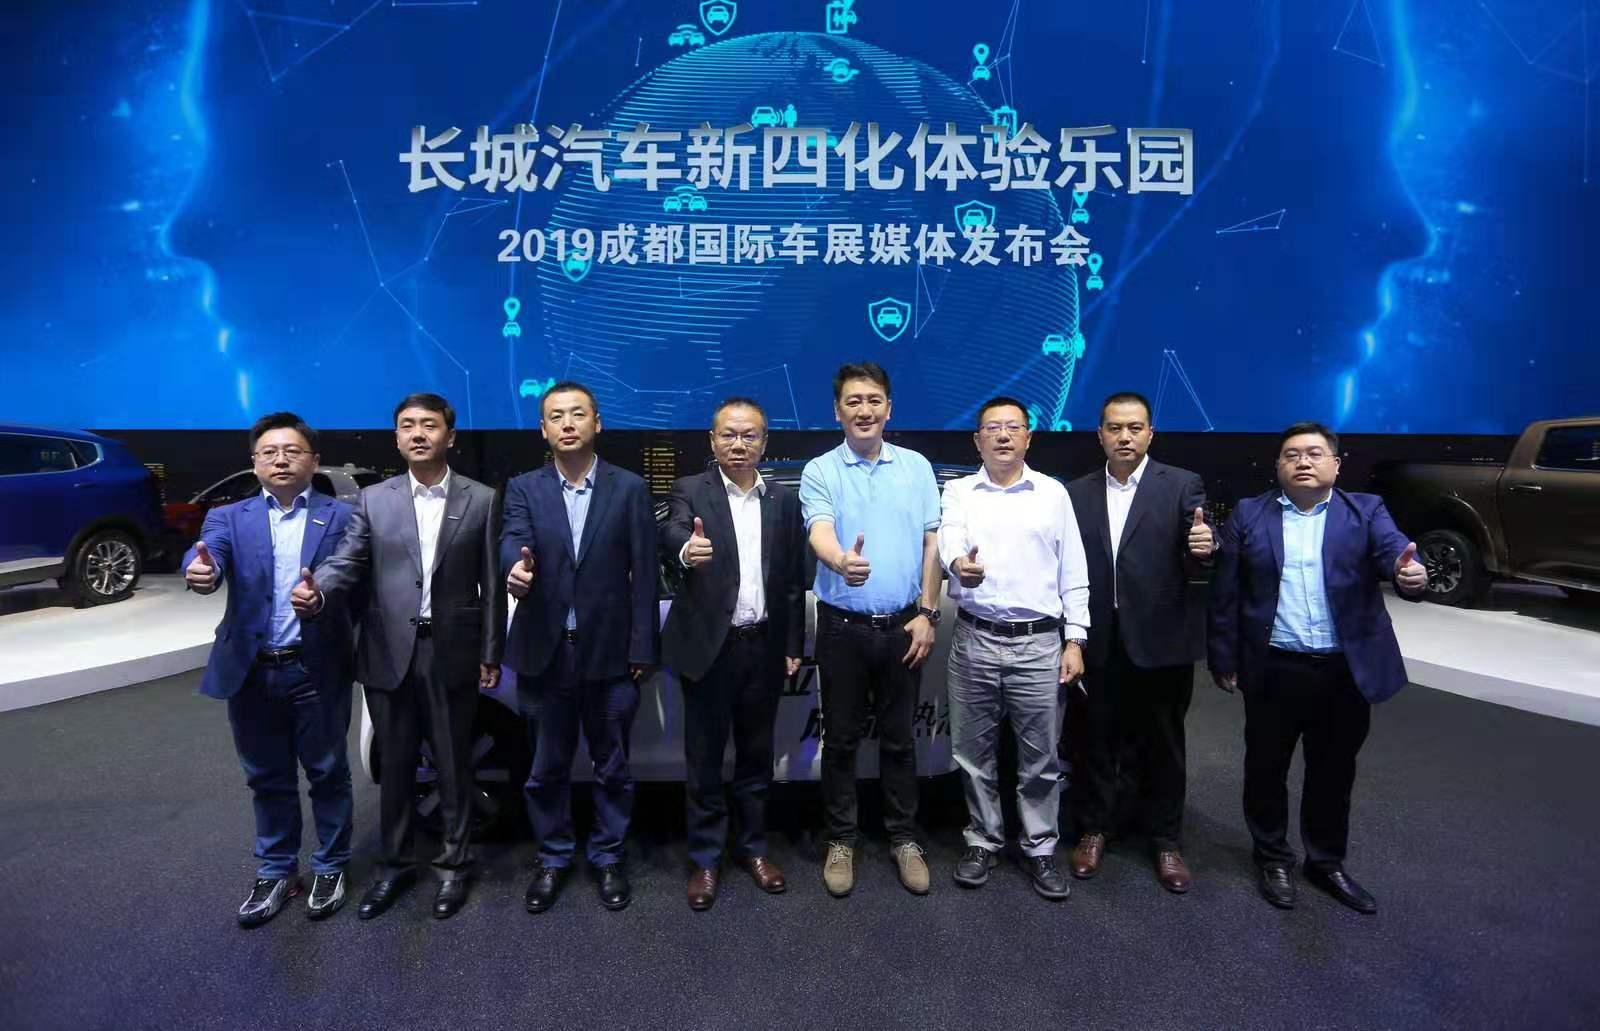 长城汽车新四化体验乐园2019成都国际车展发布会